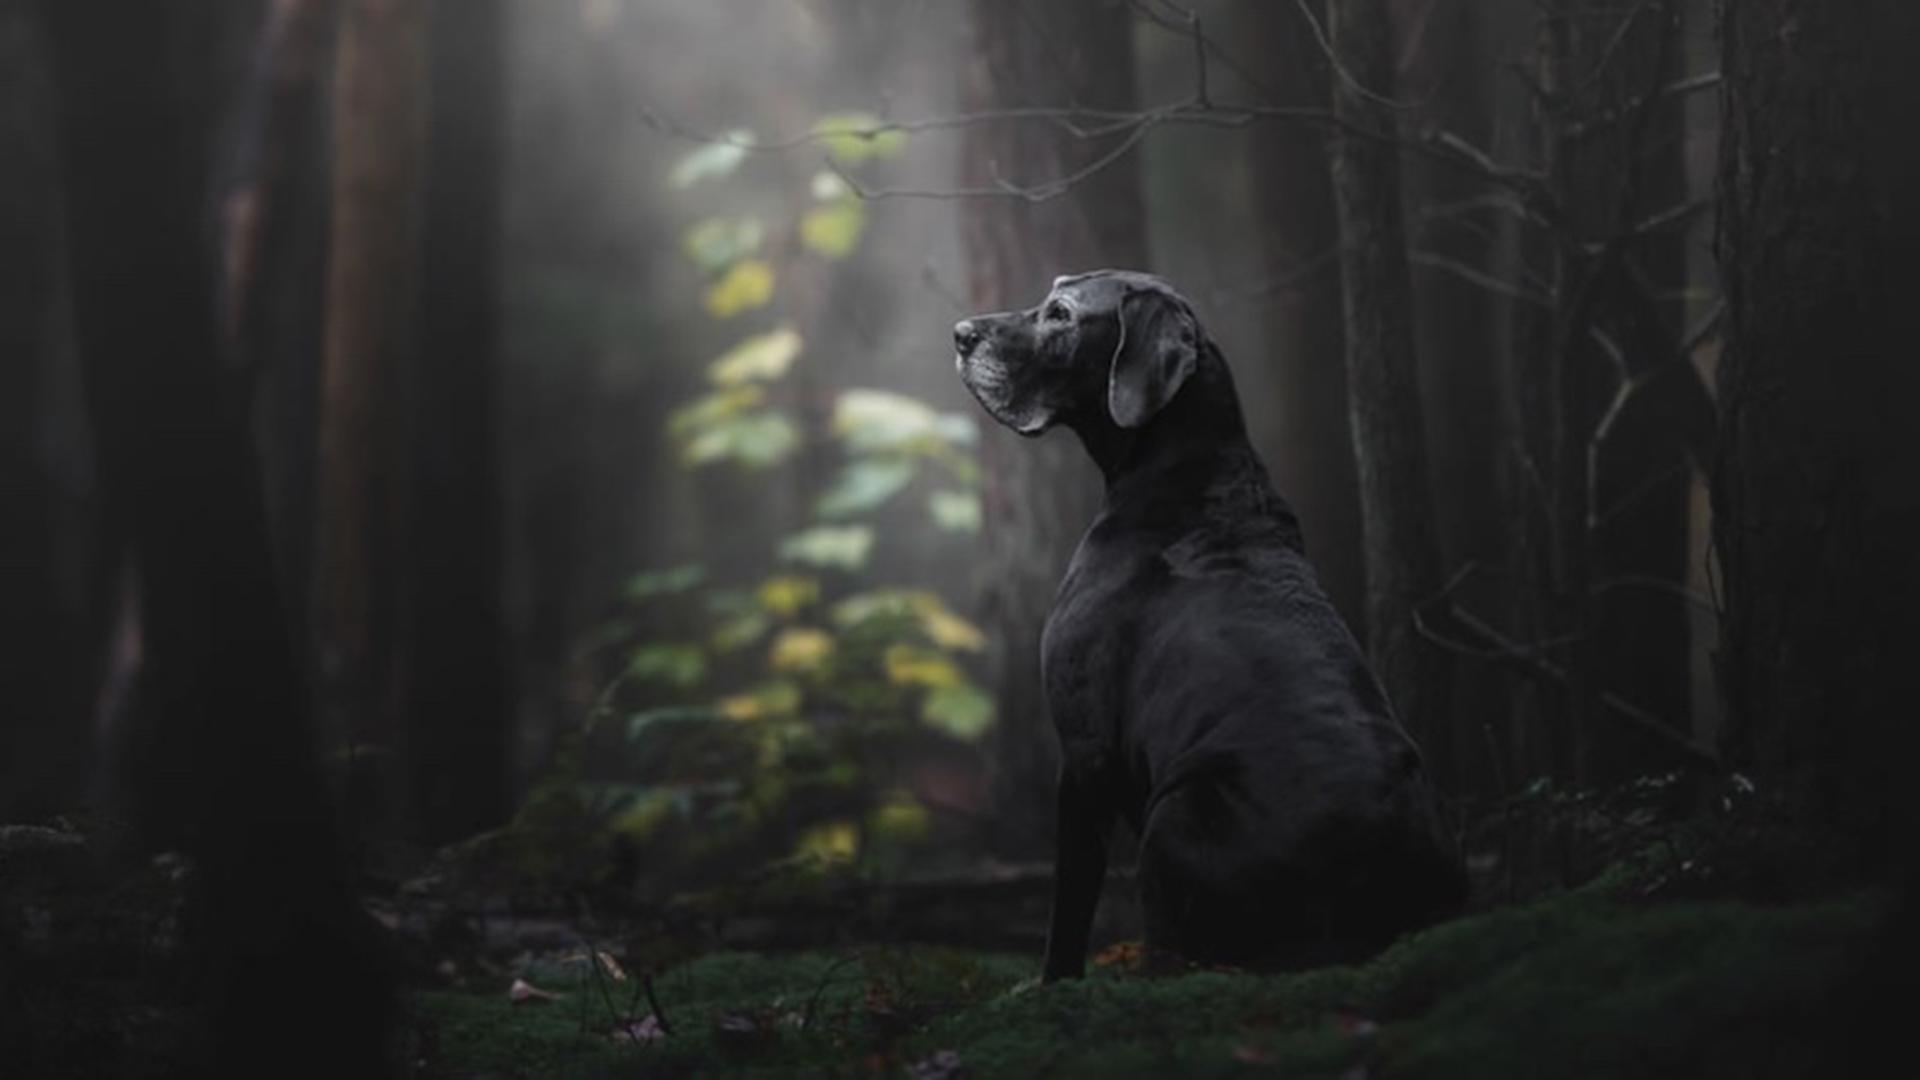 """La categoría """"Viejitos"""" tiene en su primer puesto a Noa, una Gran Danés. En la descripción, la dueña y autora de esta fotografía afirmó que la imagen fue tomada en las primeras horas de la mañana en el bosque: """"Creo que capturé la esencia de su alma"""" (Monica van der Maden)"""